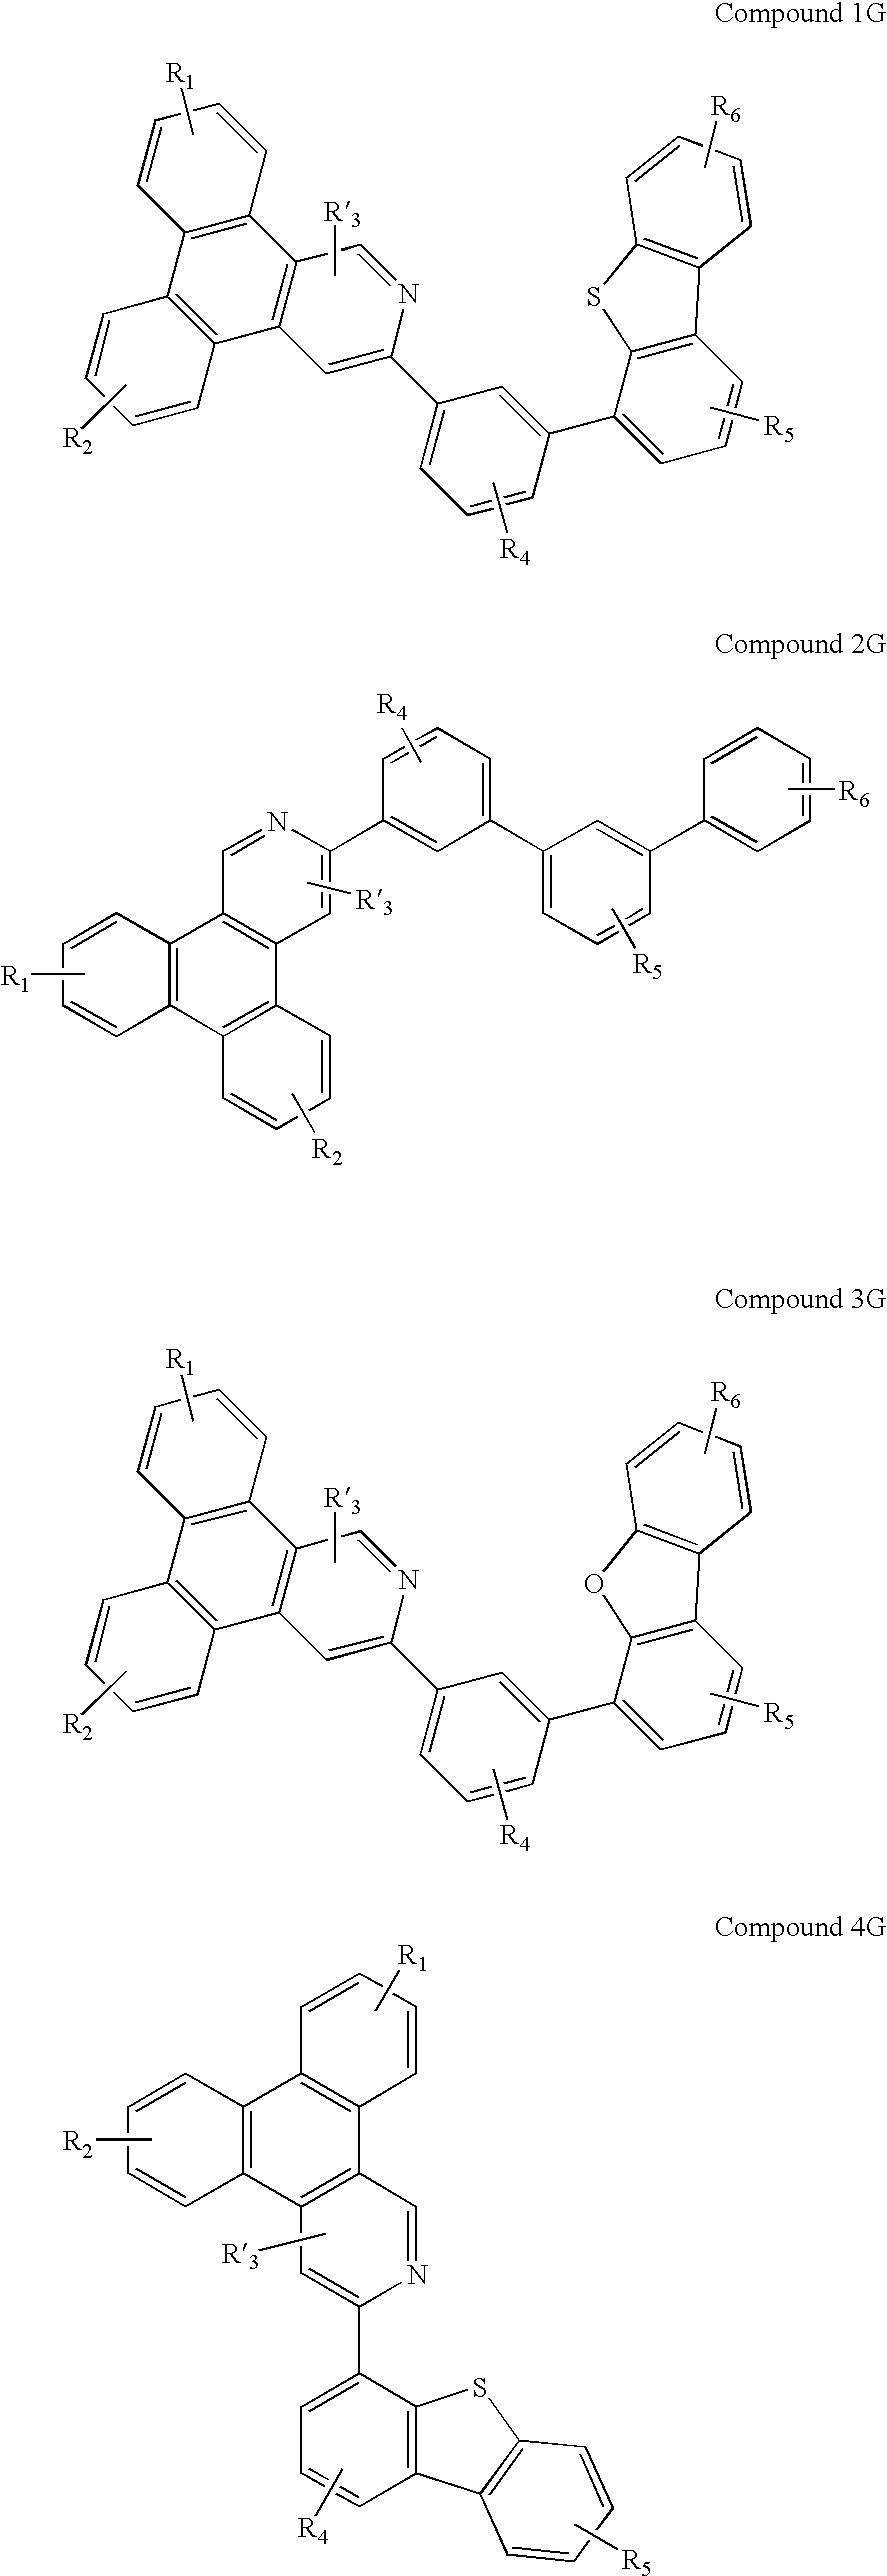 Figure US20100289406A1-20101118-C00013